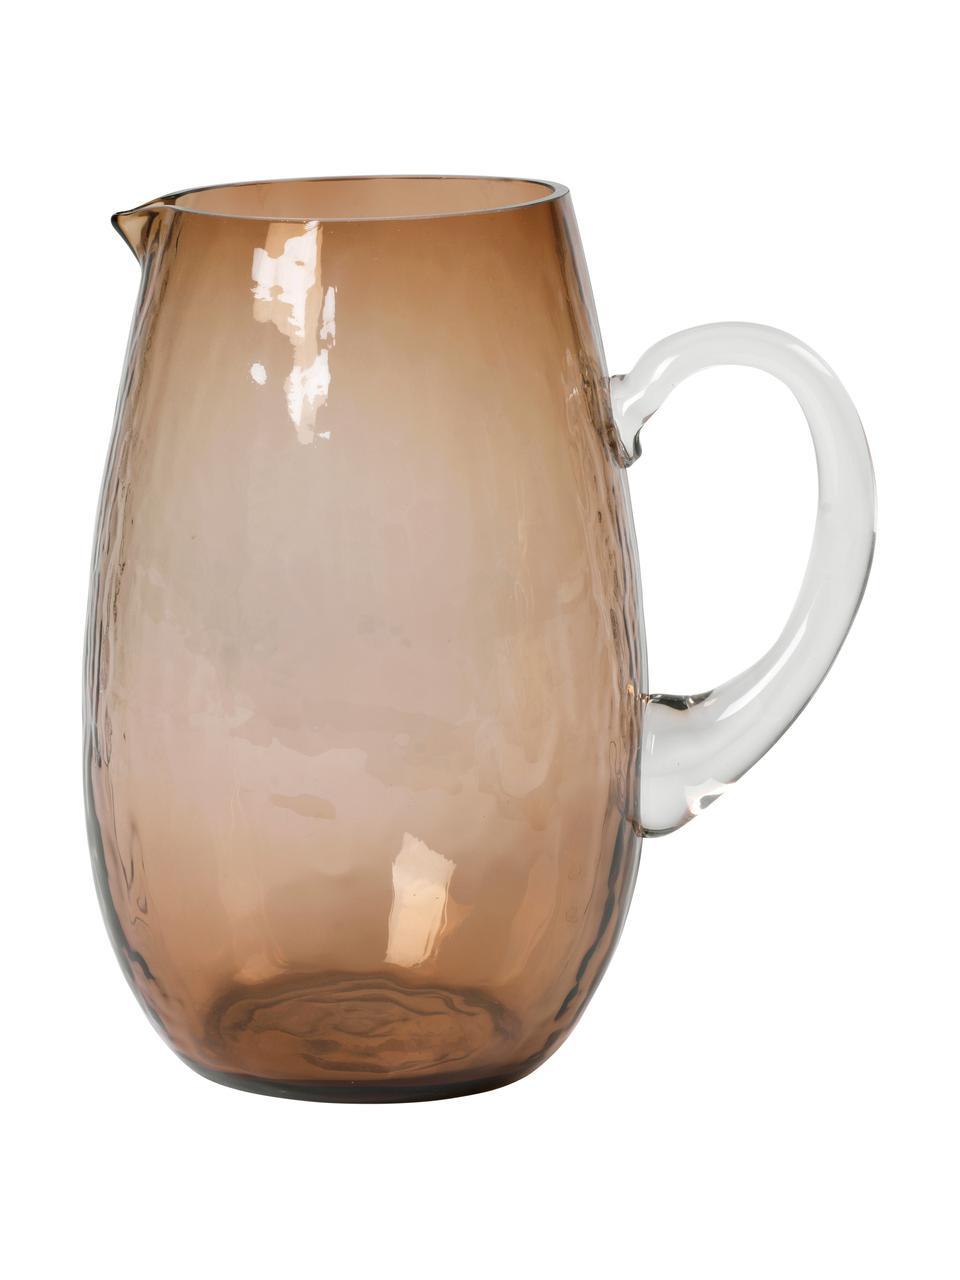 Brocca in vetro soffiato con superficie martellata Hammared, 2 L, Vetro, Marrone, Ø 14 x Alt. 22 cm